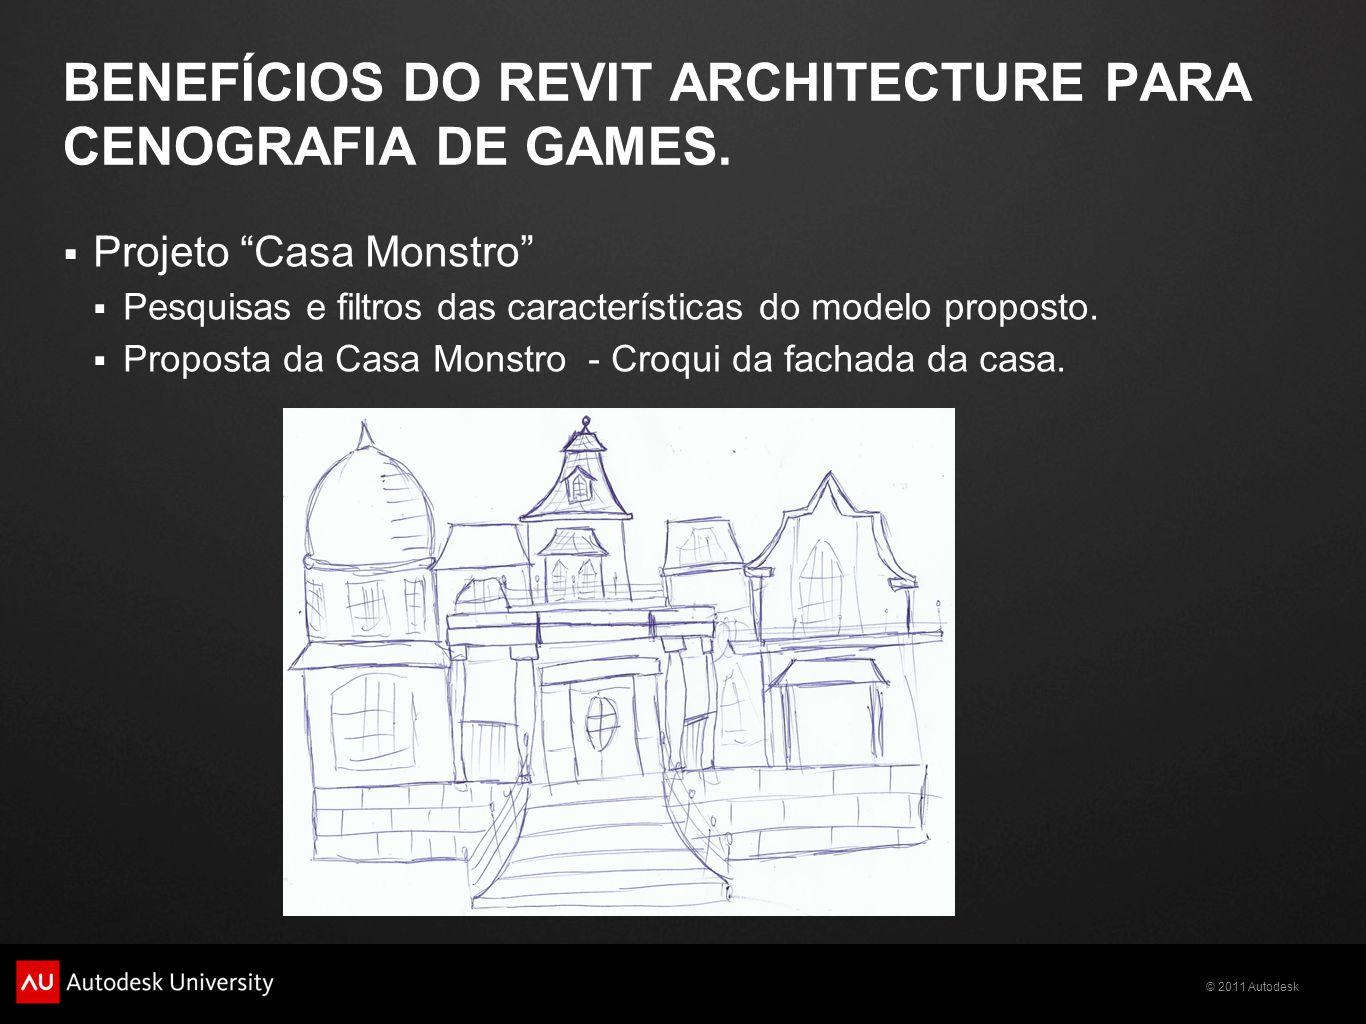 Benefícios do Revit Architecture para Cenografia de Games.